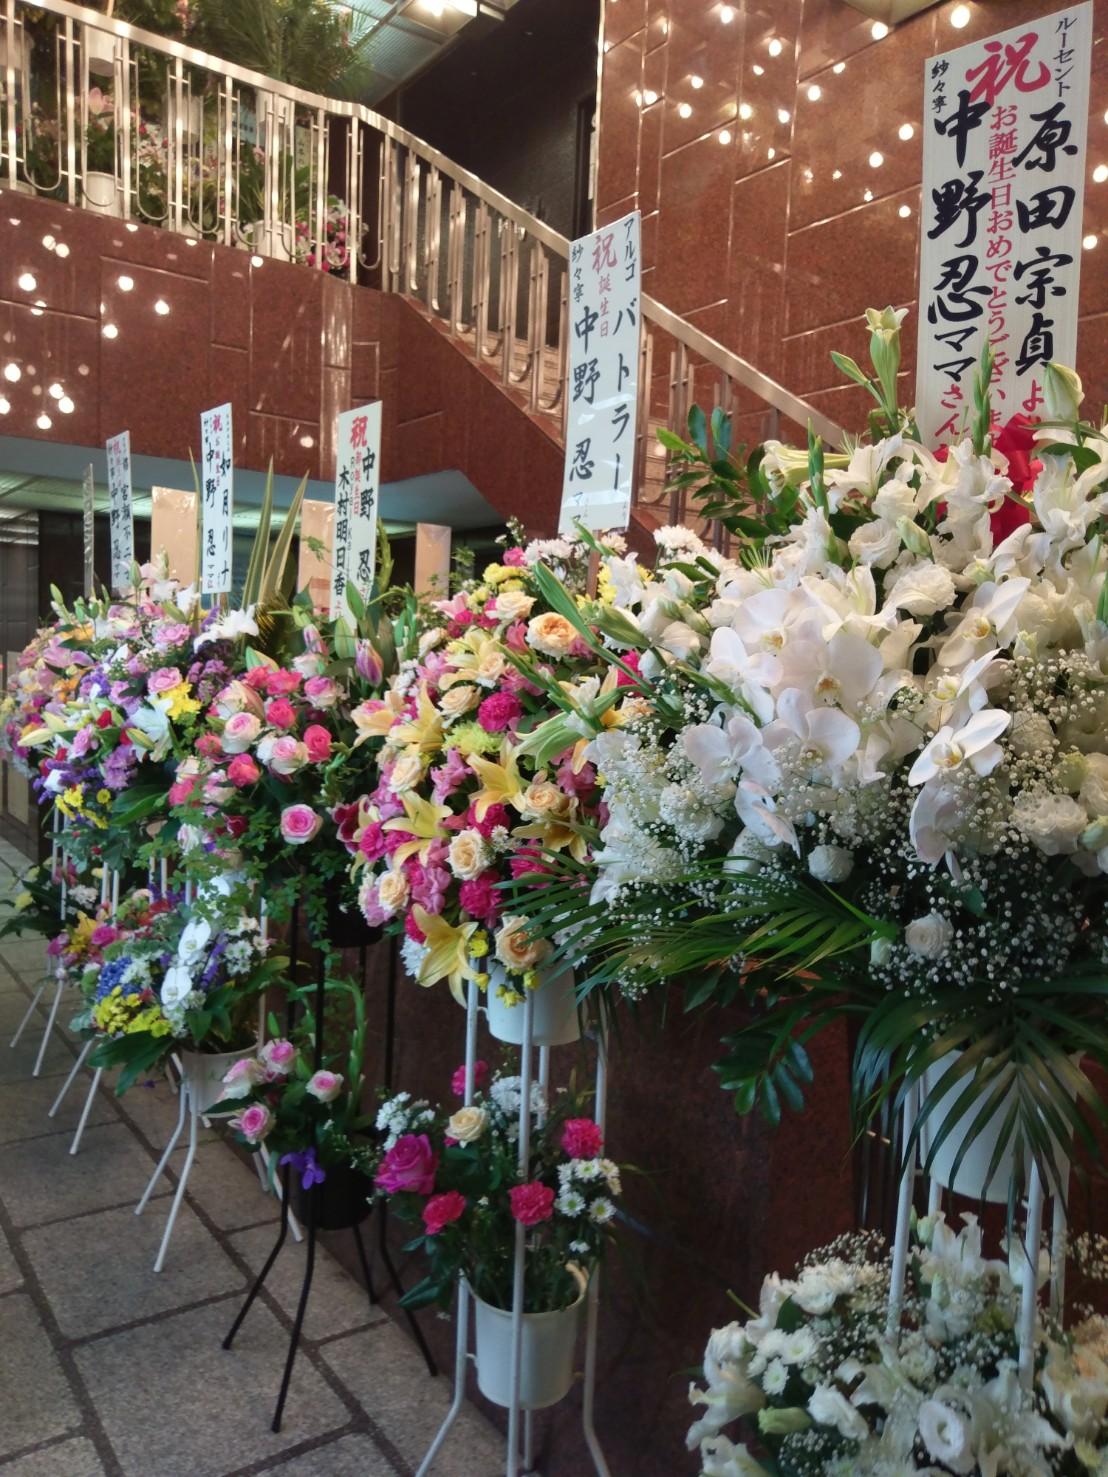 銀座7丁目の高級クラブ「紗々寧」の中野忍ママさん、お誕生日おめでとうございます。